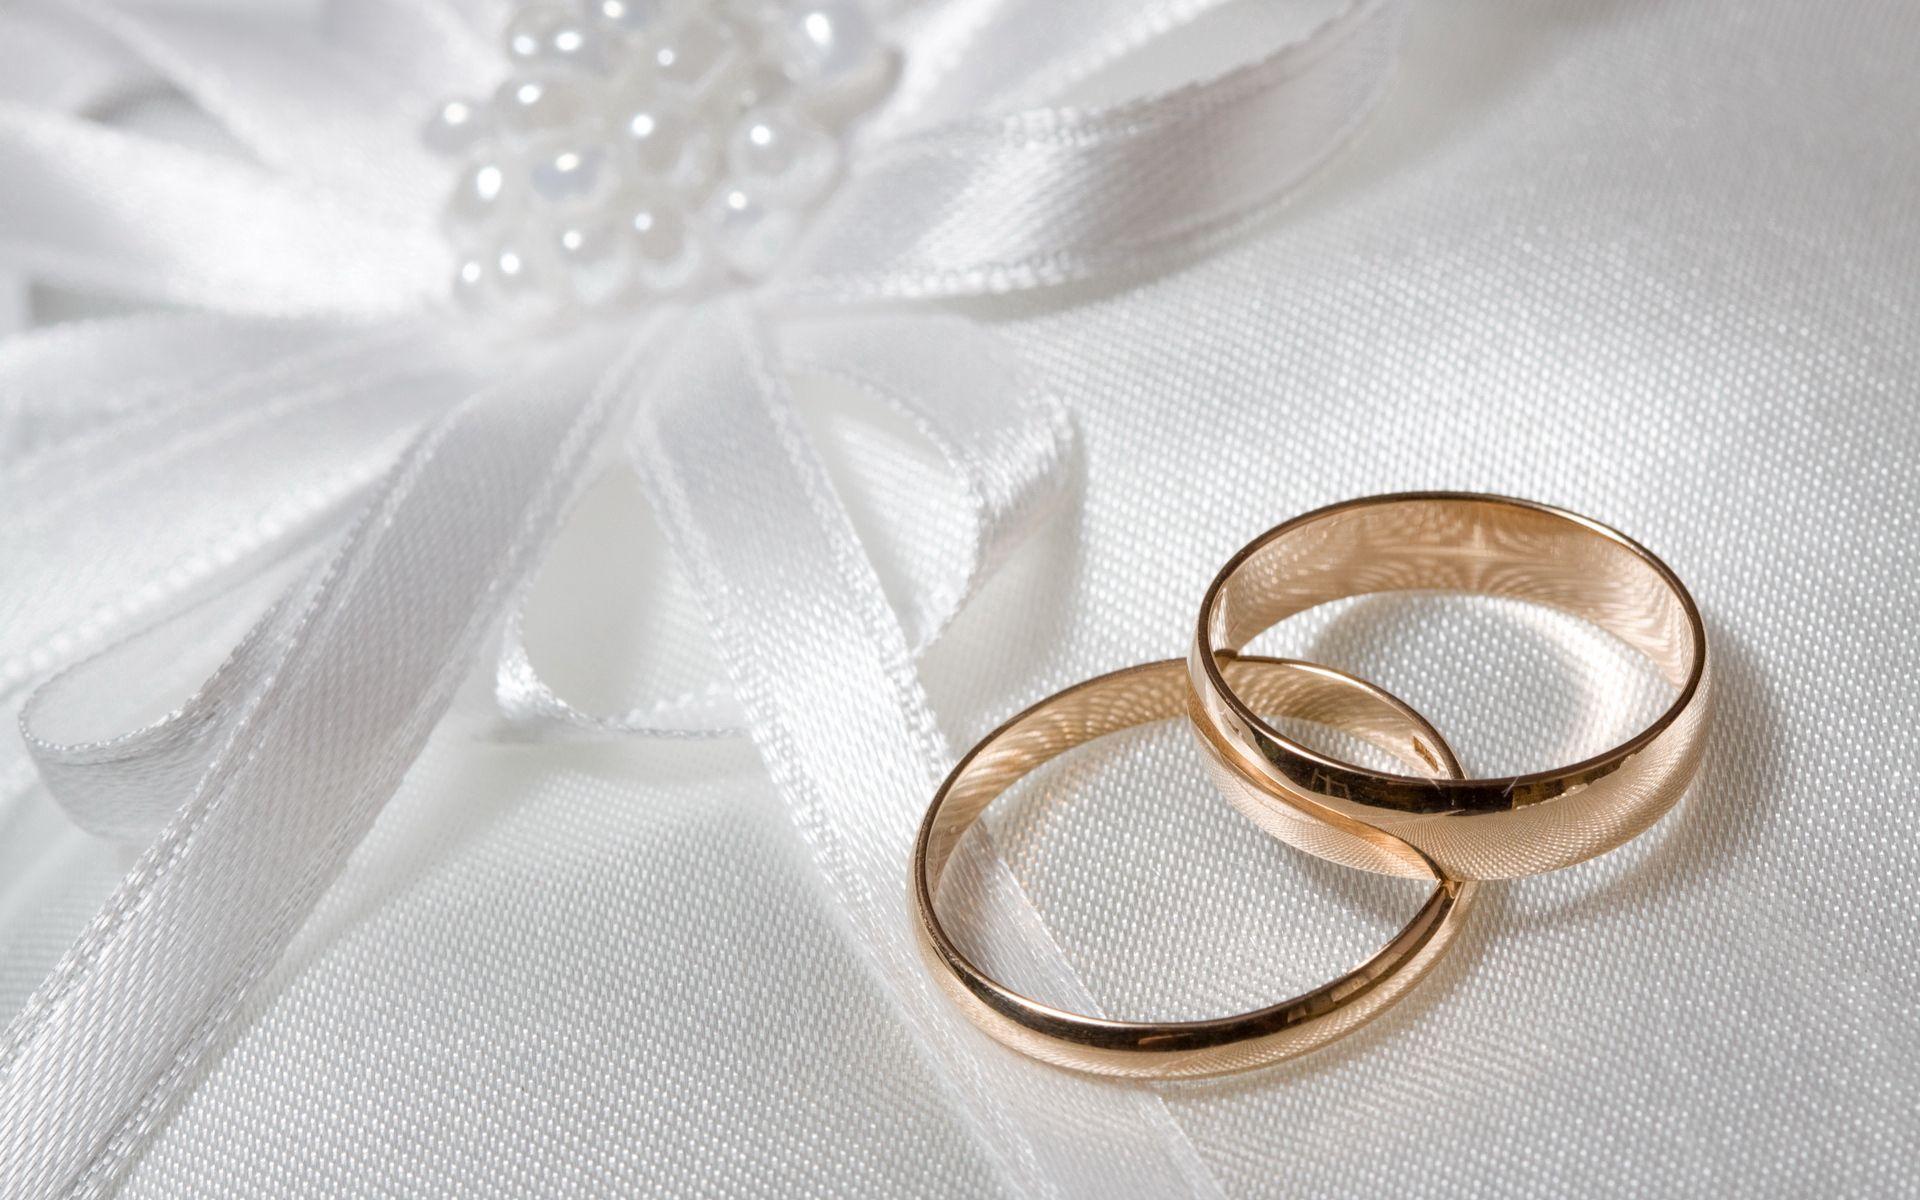 138320 скачать обои Свадьба, Любовь, Кольца, Пара, Платье, Обручальный - заставки и картинки бесплатно